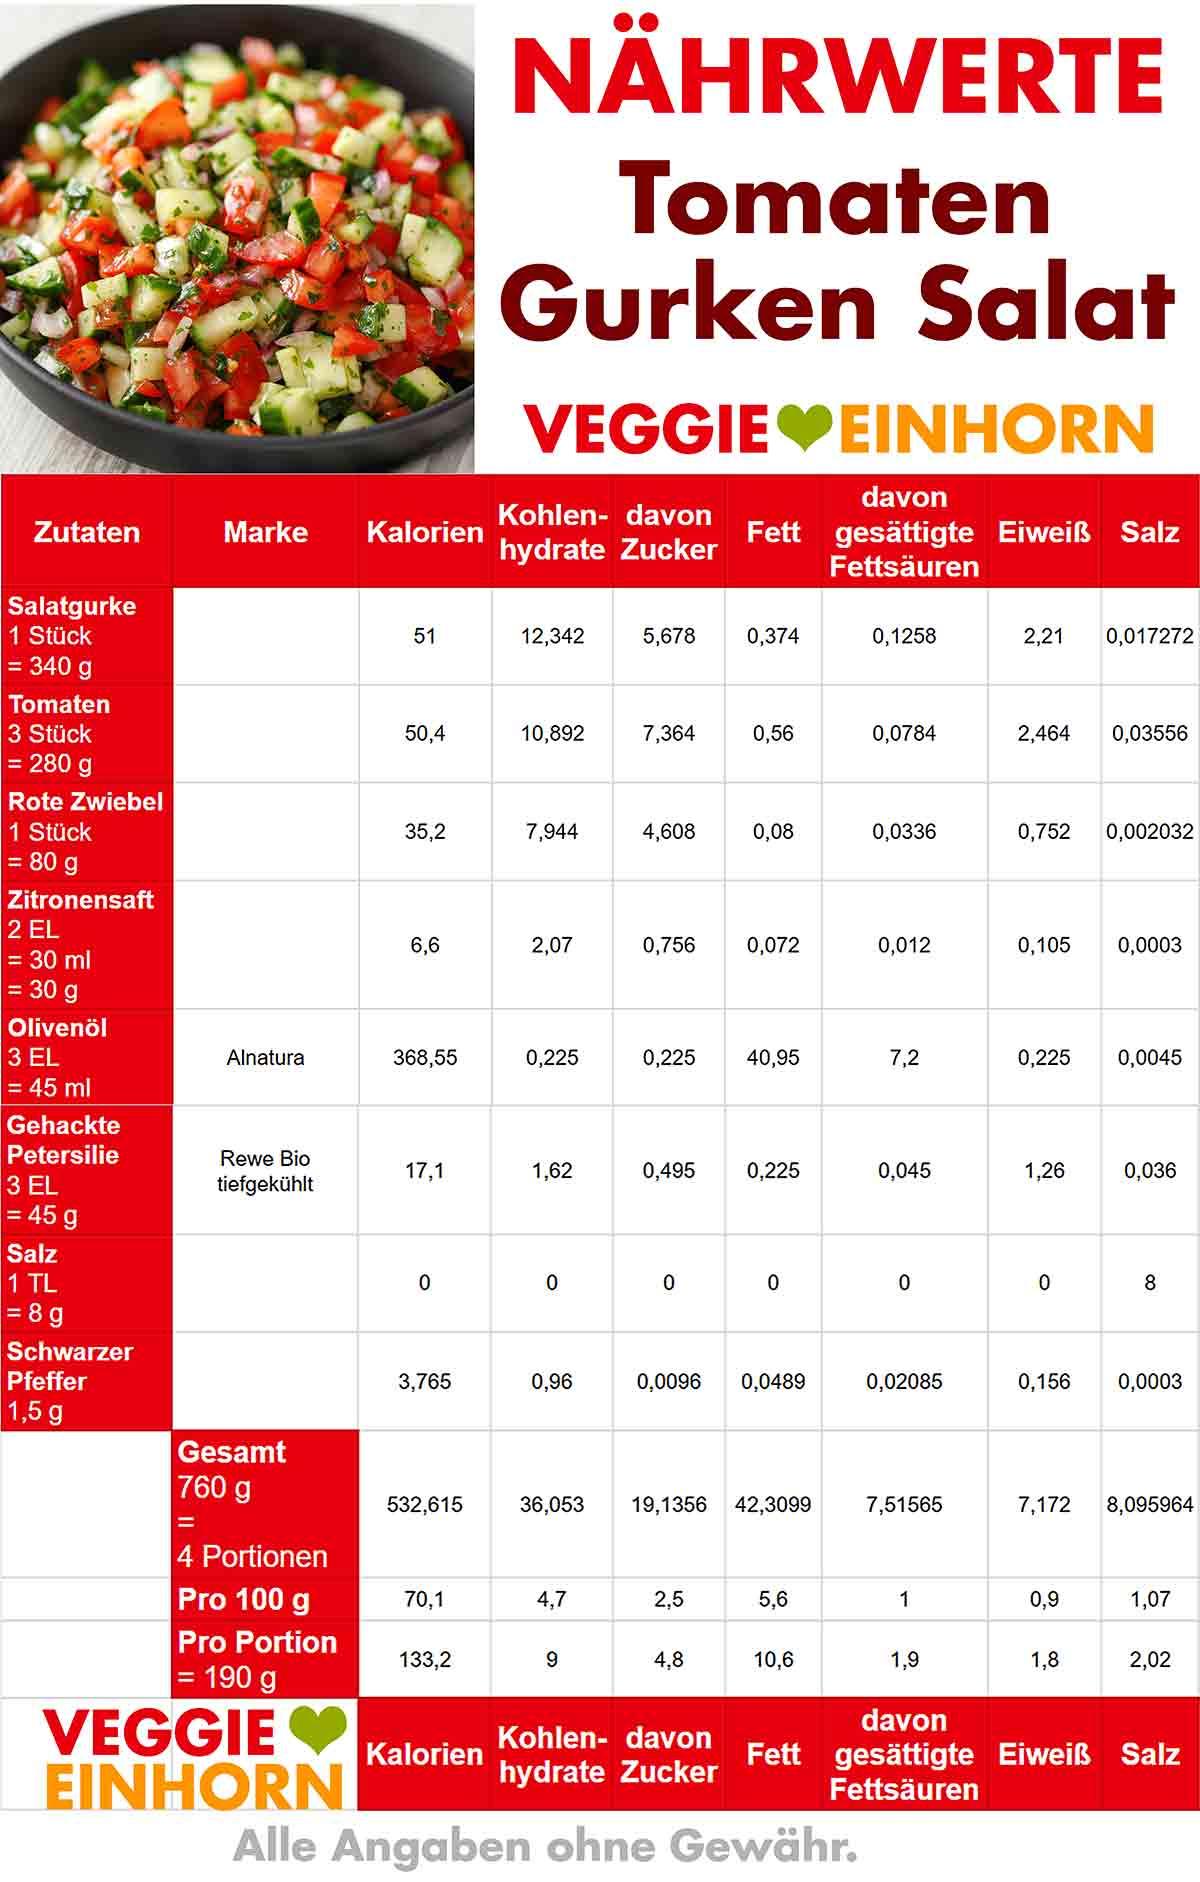 Kalorien von Tomaten Gurken Salat